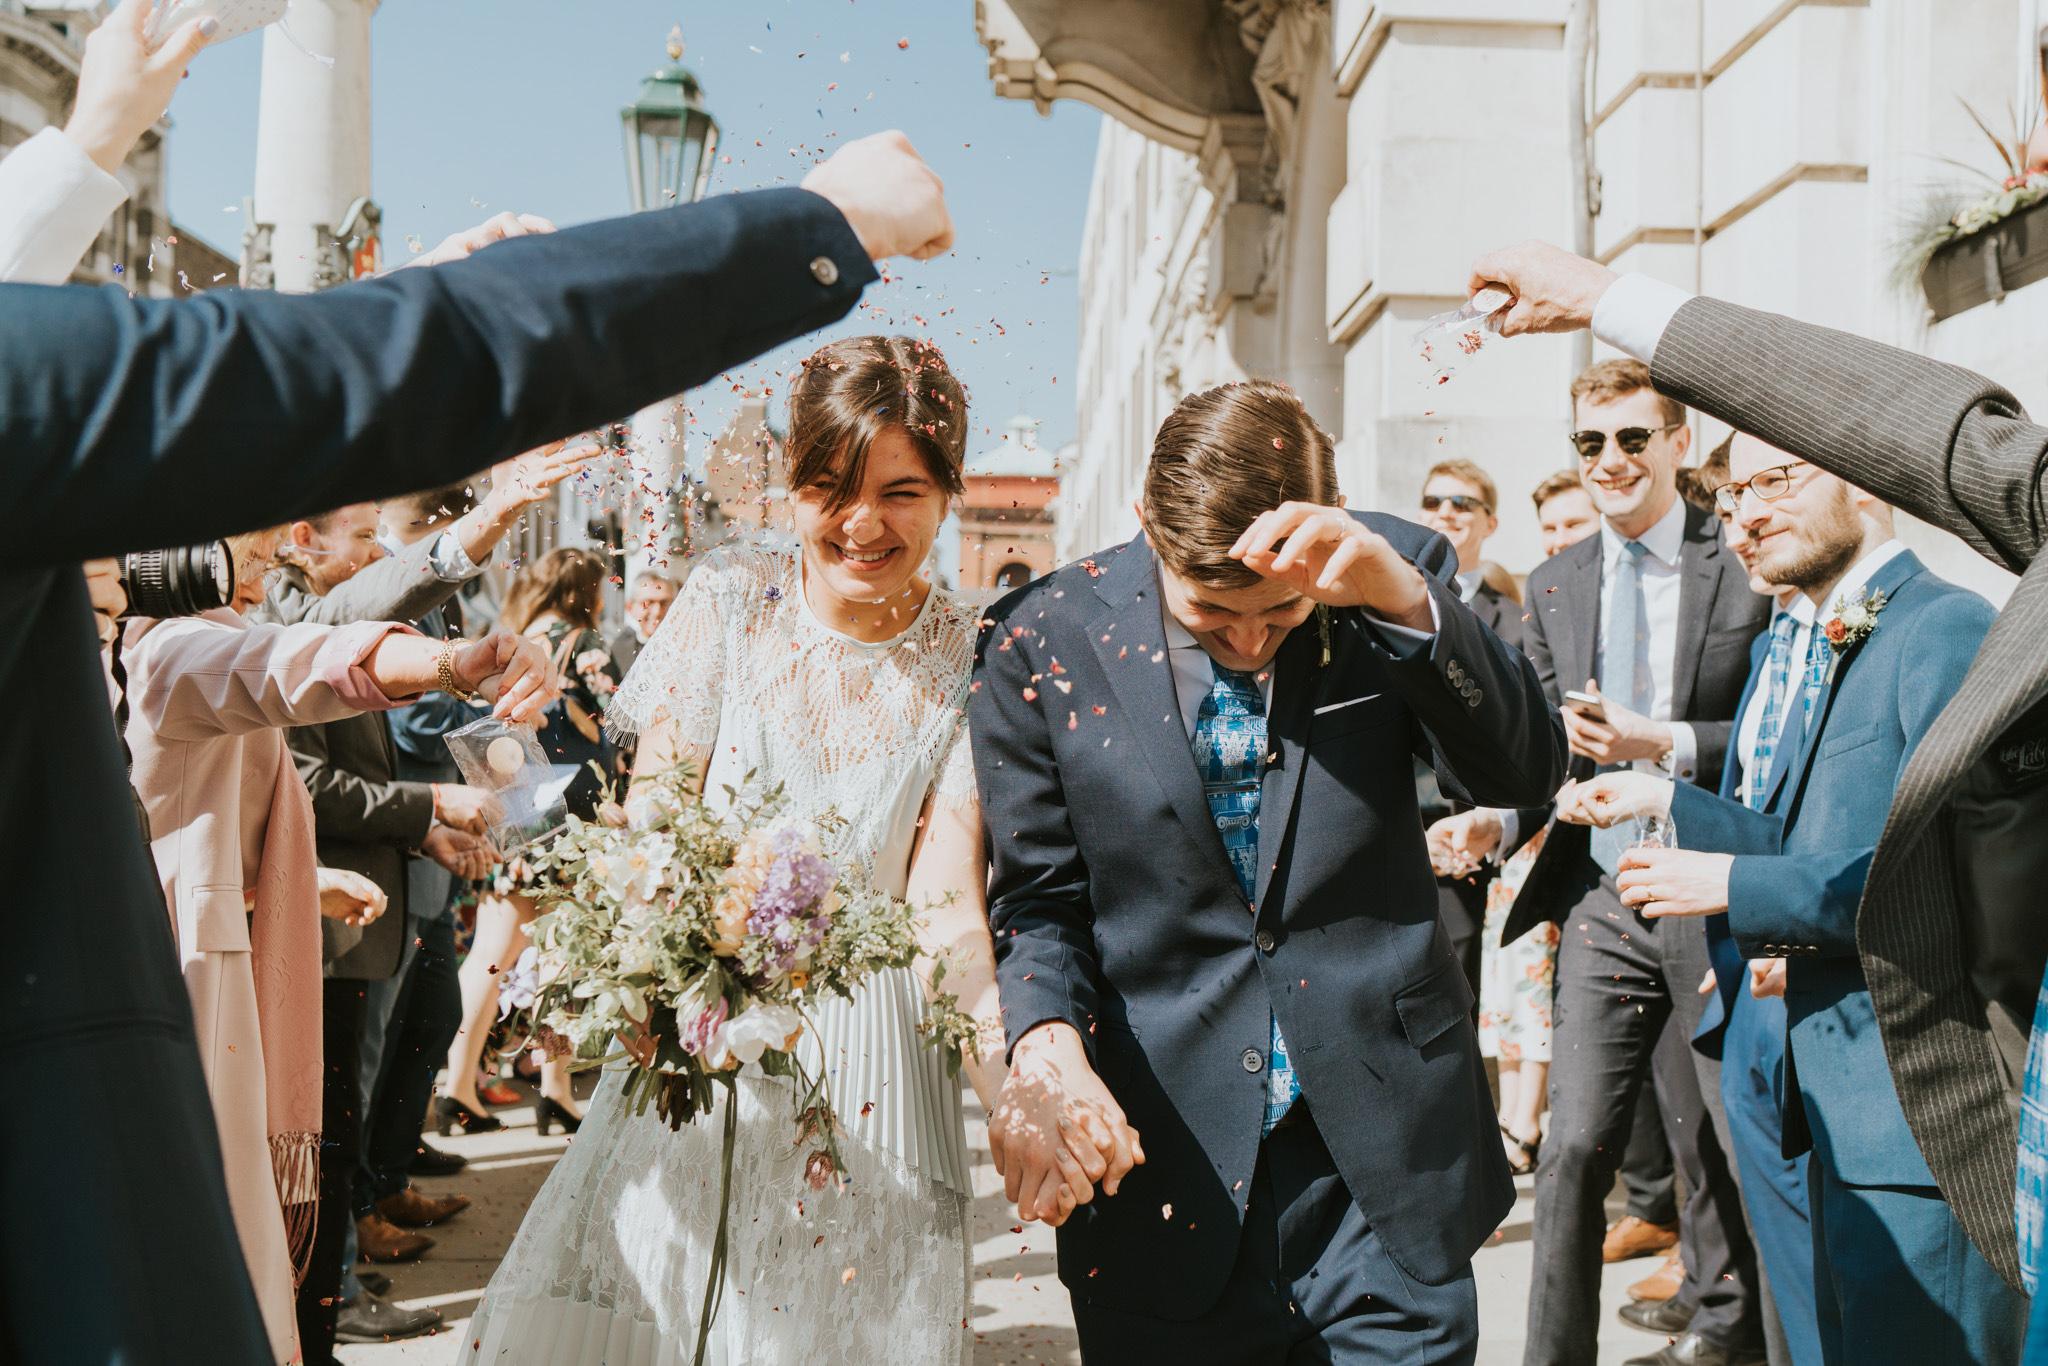 grace-elizabeth-essex-wedding-photographer-best-2018-highlights-norfolk-essex-devon-suffolk (22 of 100).jpg